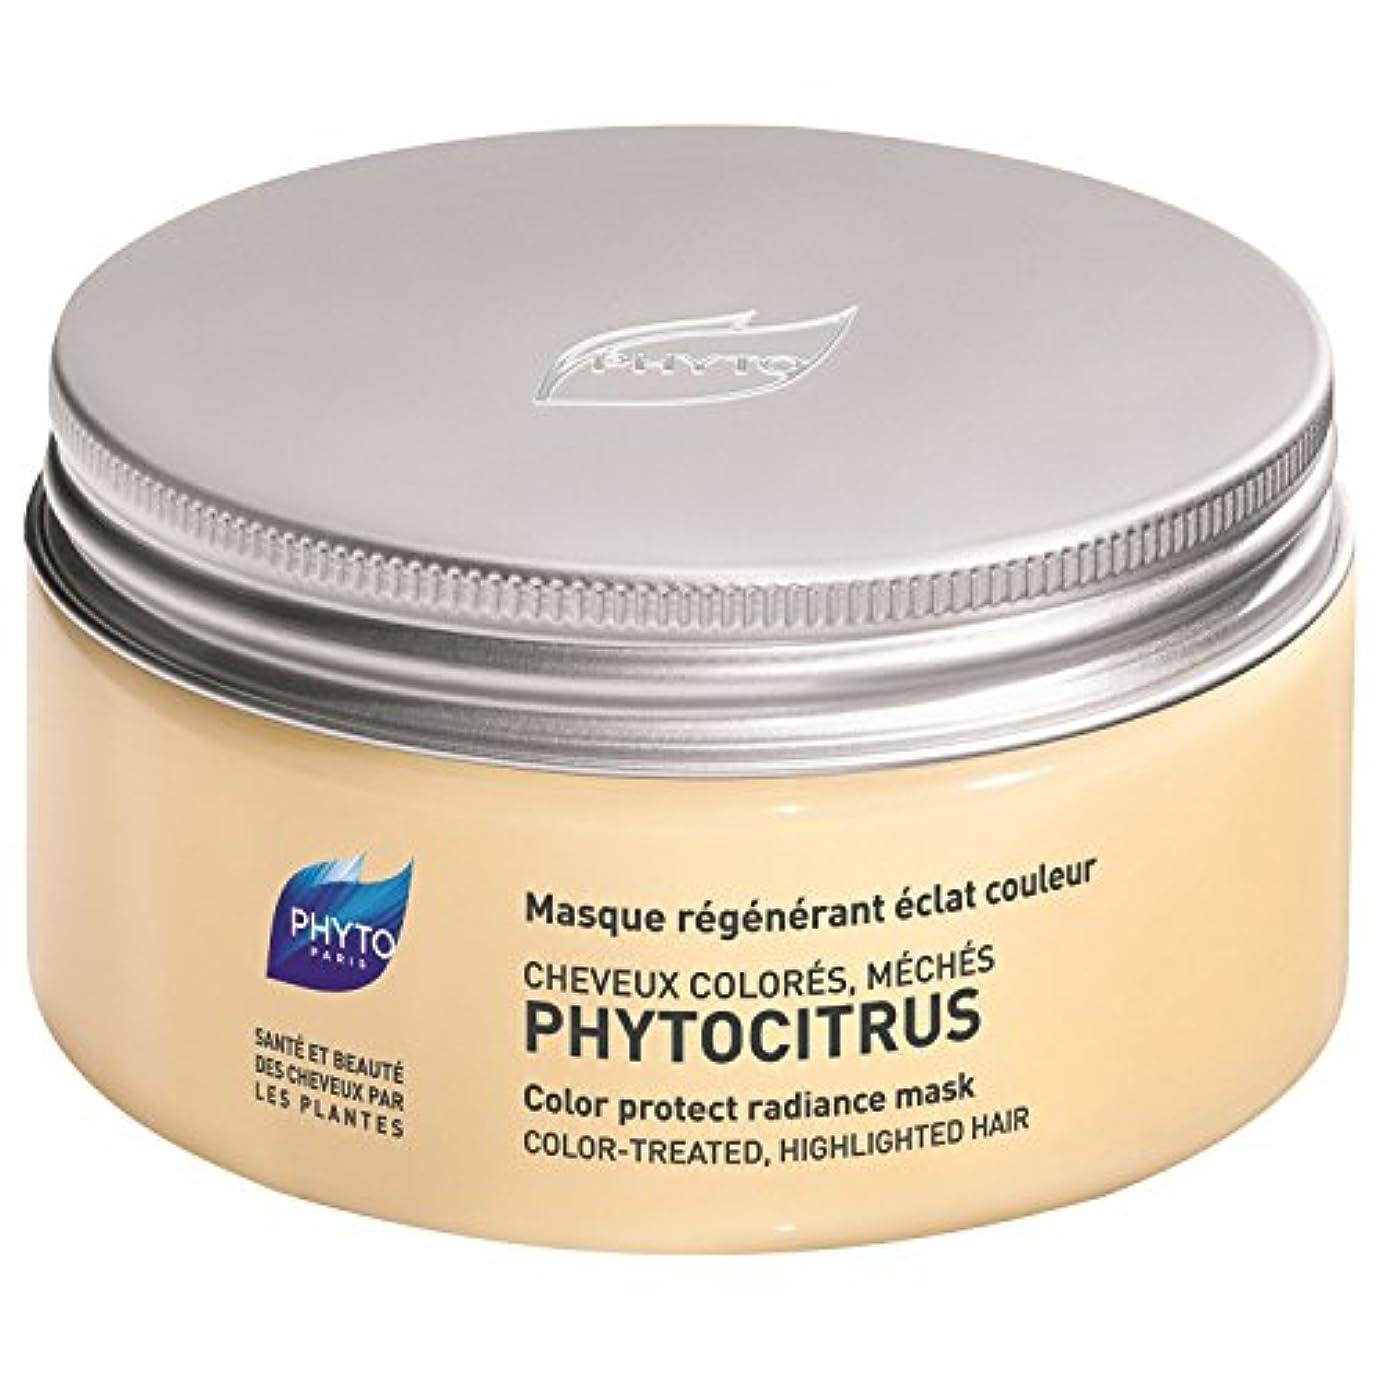 位置する認めるチームフィトPhytocitrus色保護放射輝度マスク200ミリリットル (Phyto) (x6) - Phyto Phytocitrus Colour Protect Radiance Mask 200ml (Pack of...